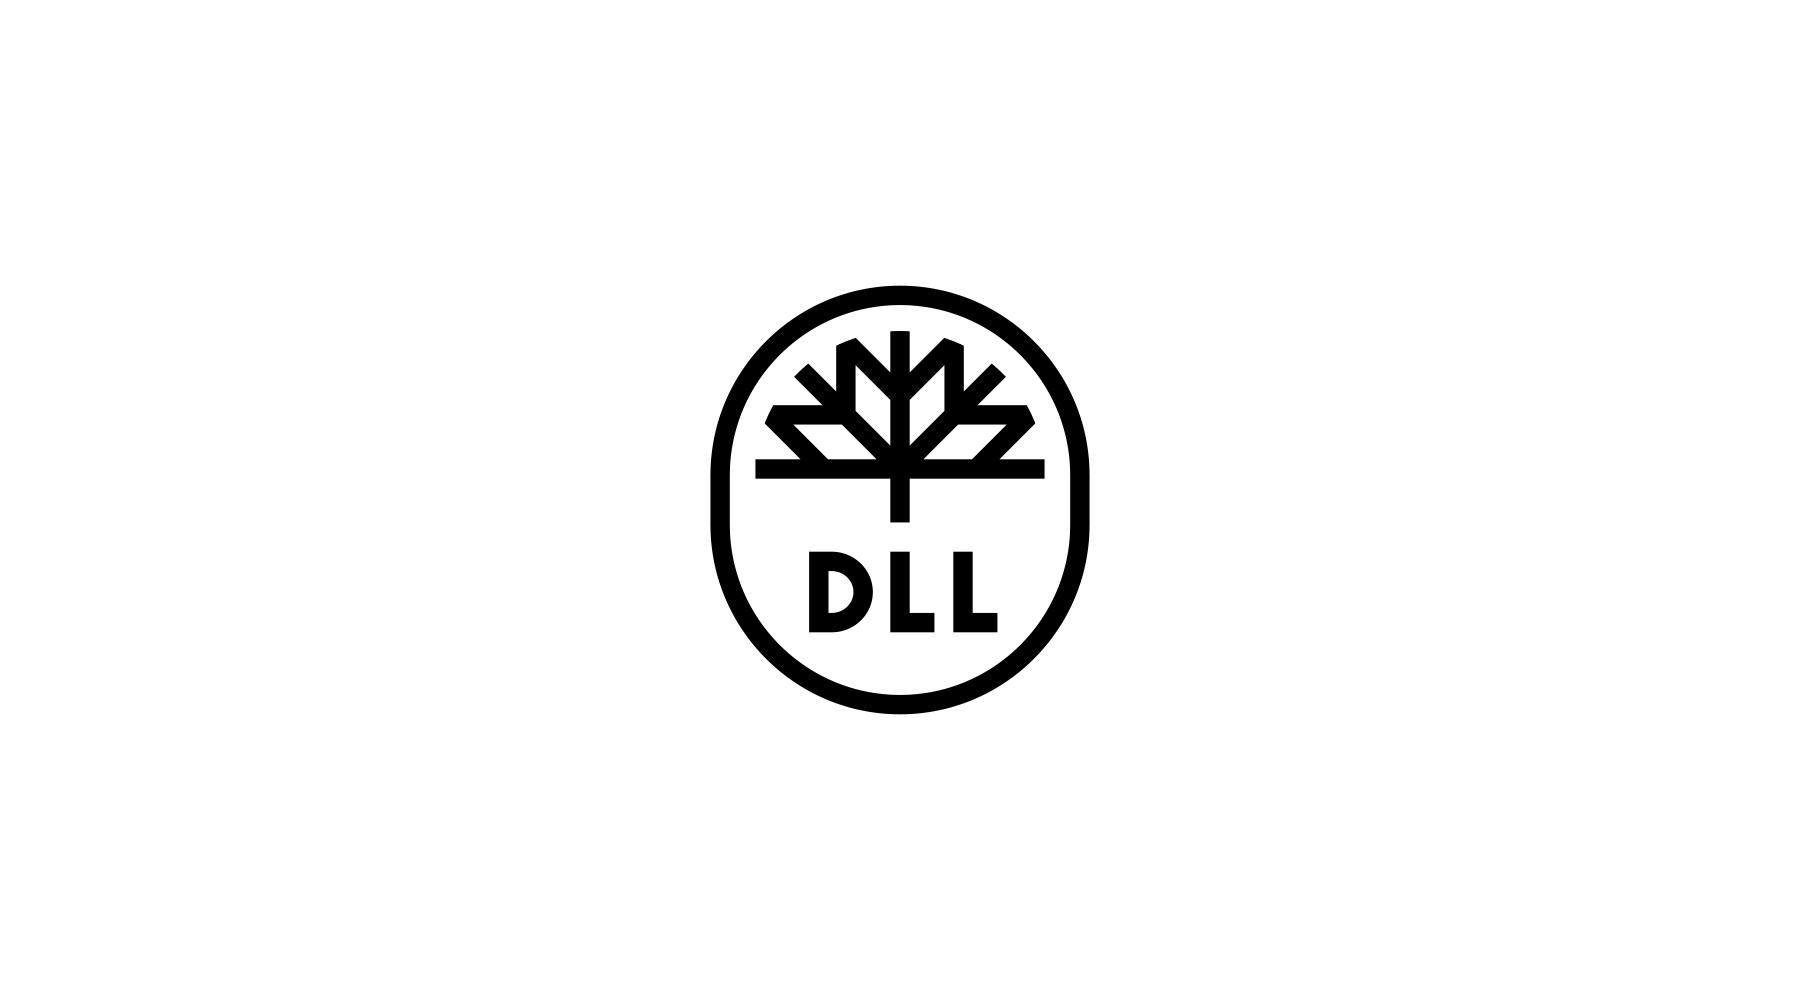 StudioDixon-Logo-DLL_BW